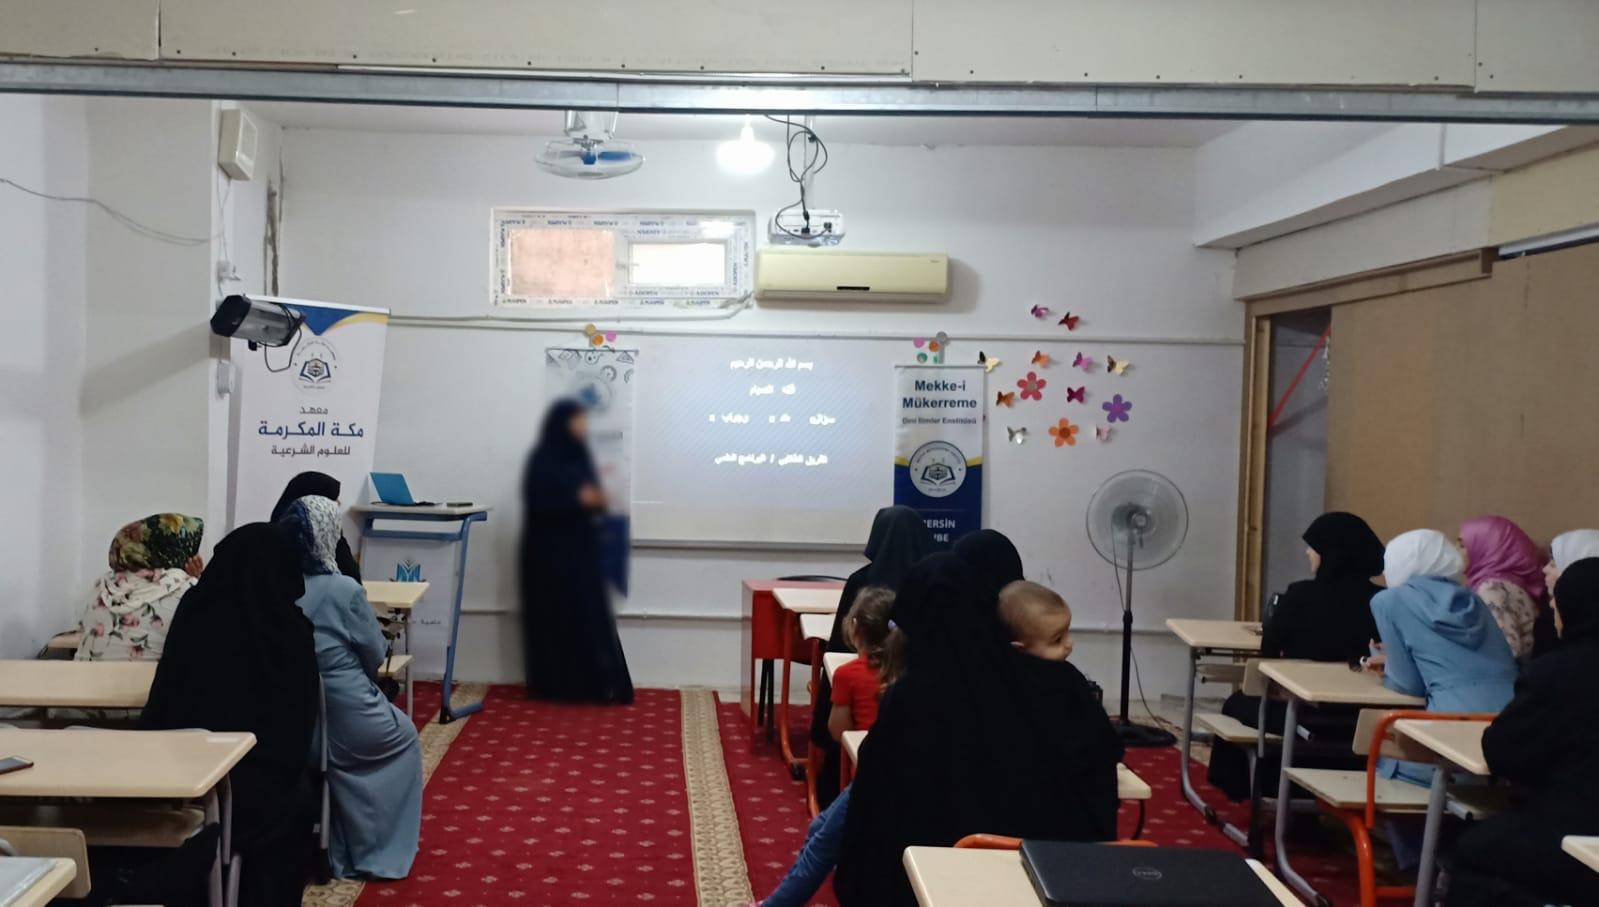 الفريق الطلابي في فرع مرسين  يقيم جولات دعوية رمضانية